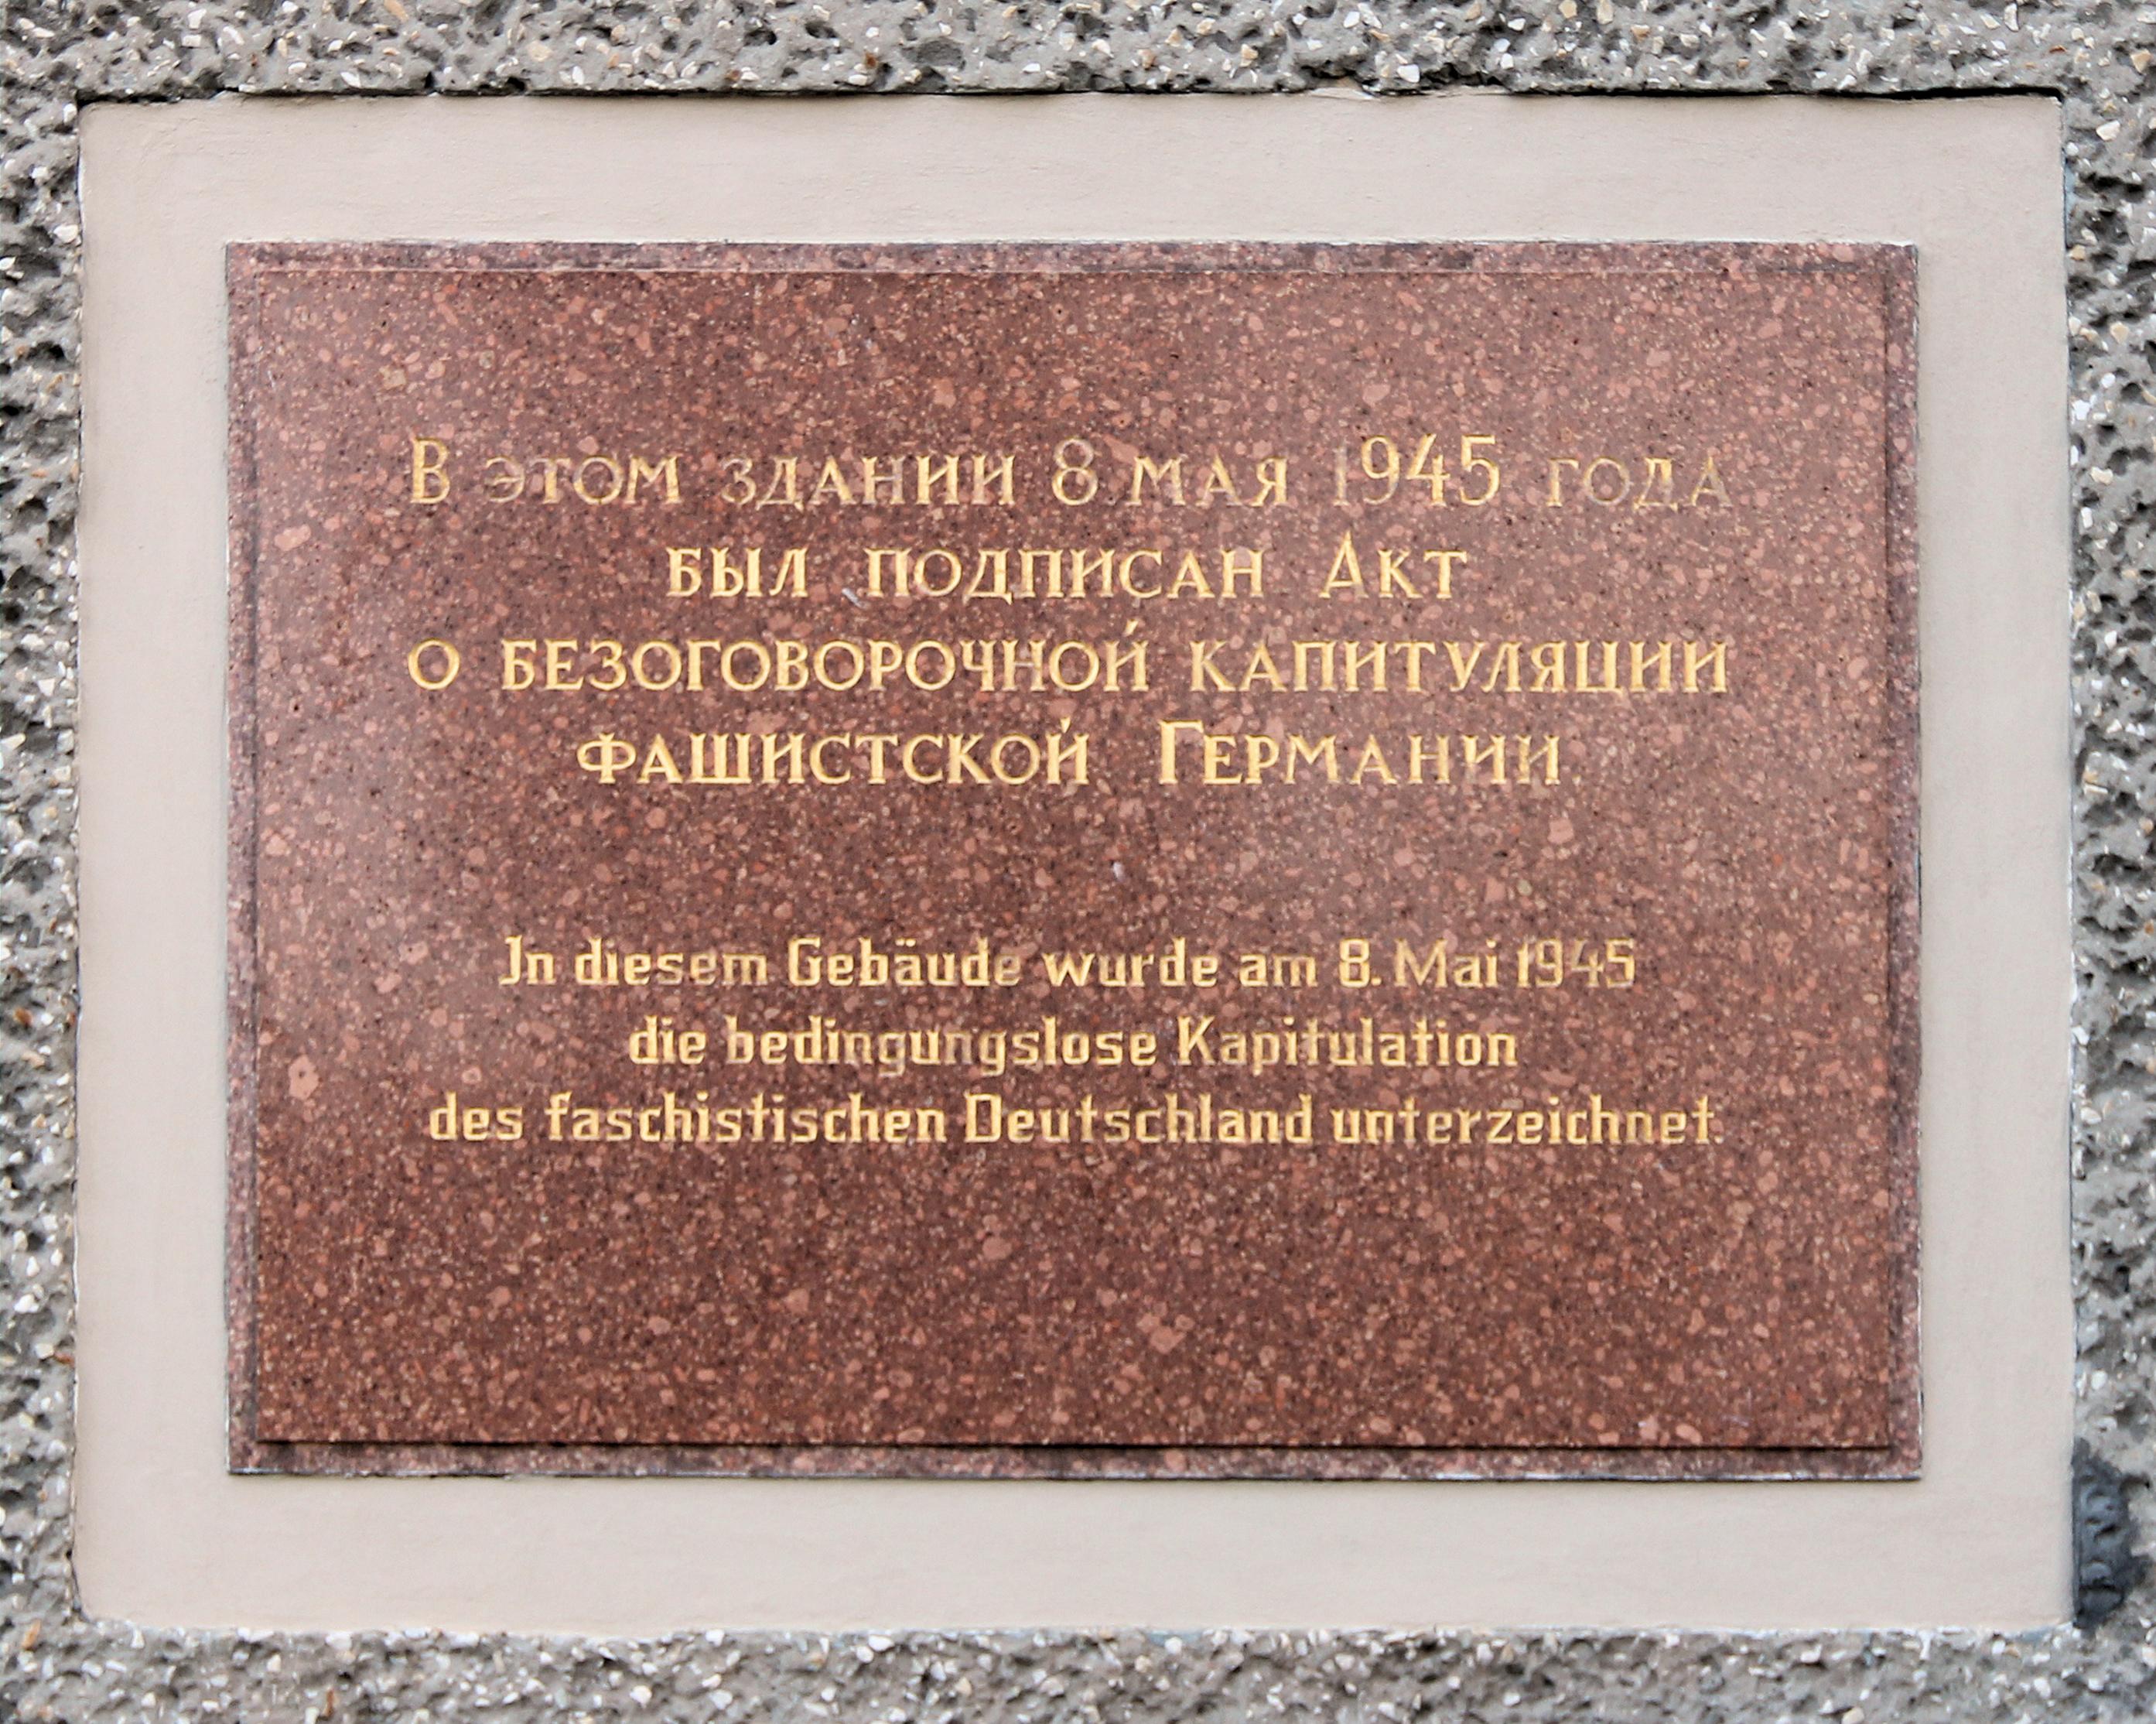 Deutsch-Russixsches Musum Karlshorst, Berlin